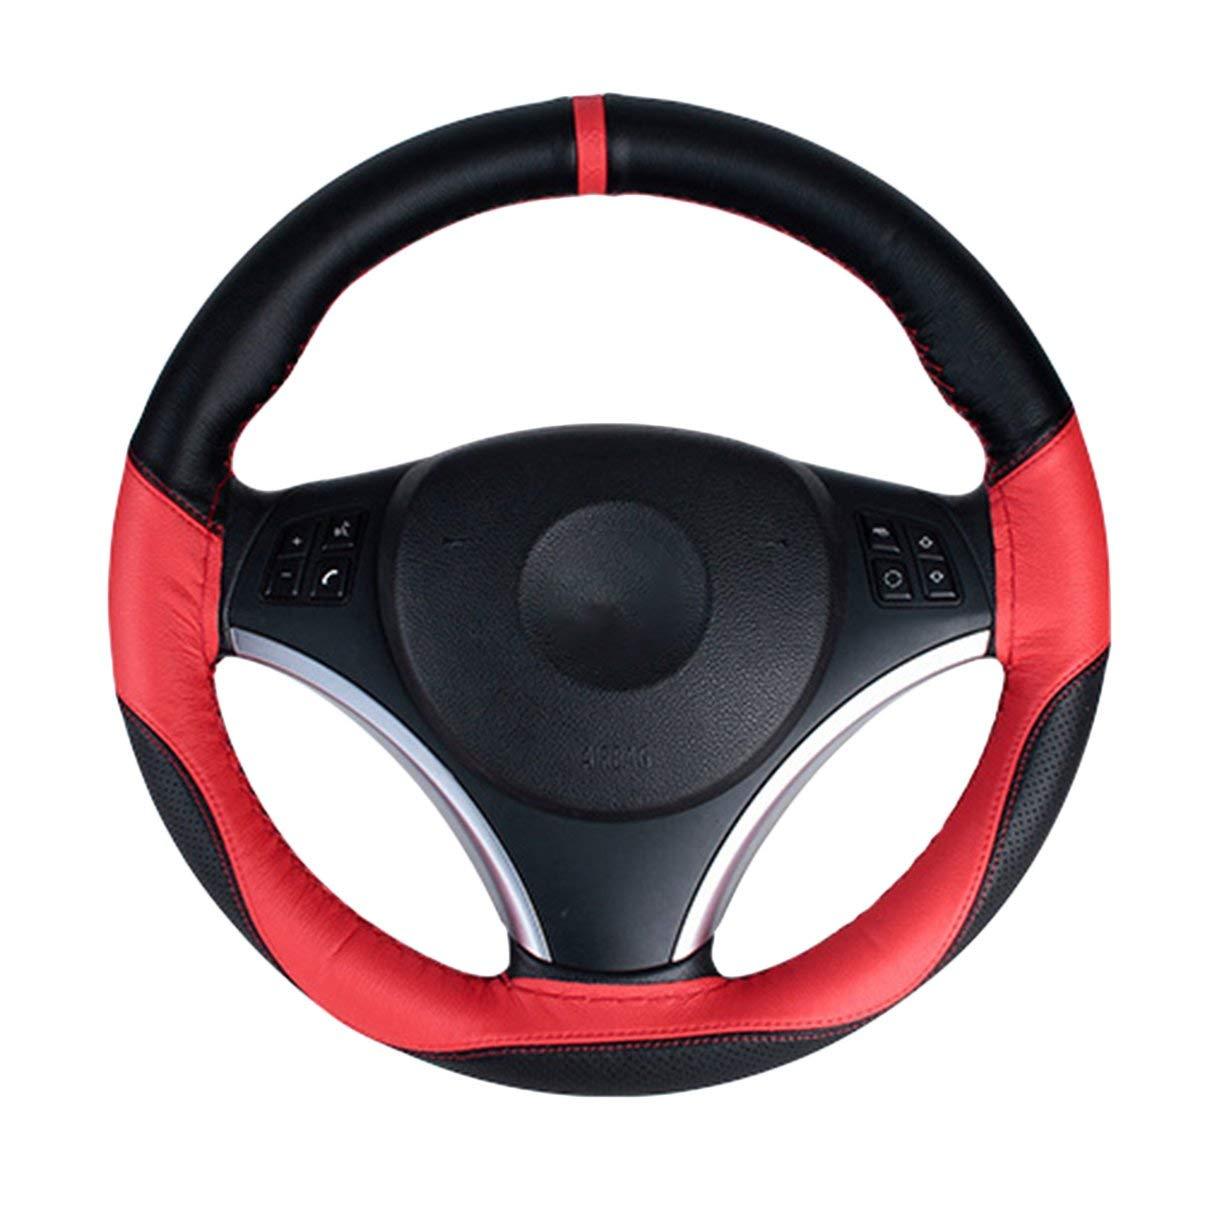 Cuero cosido a mano universal del volante del coche cubierta transpirable antideslizante car styling decoració n interior accesorios Jullyelegant